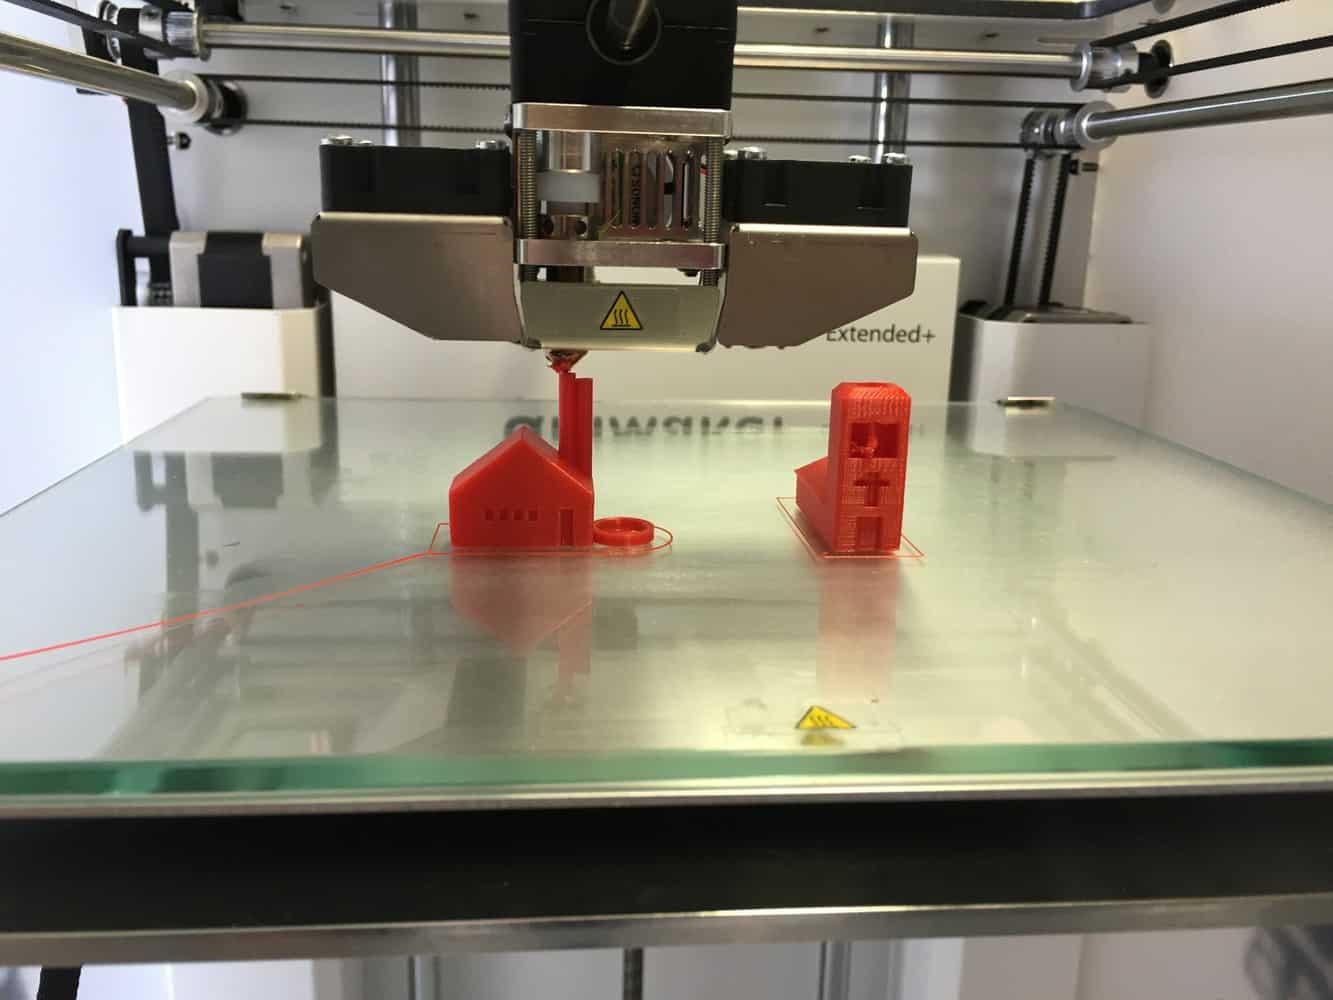 Jelentkezz 3D nyomtatás tanfolyamunkra! A 3D nyomtatás tanfolyamon résztvevők kedvezményes kupont kapnak 3D nyomtató vásárláshoz, magyar leírással, magyar garanciával.